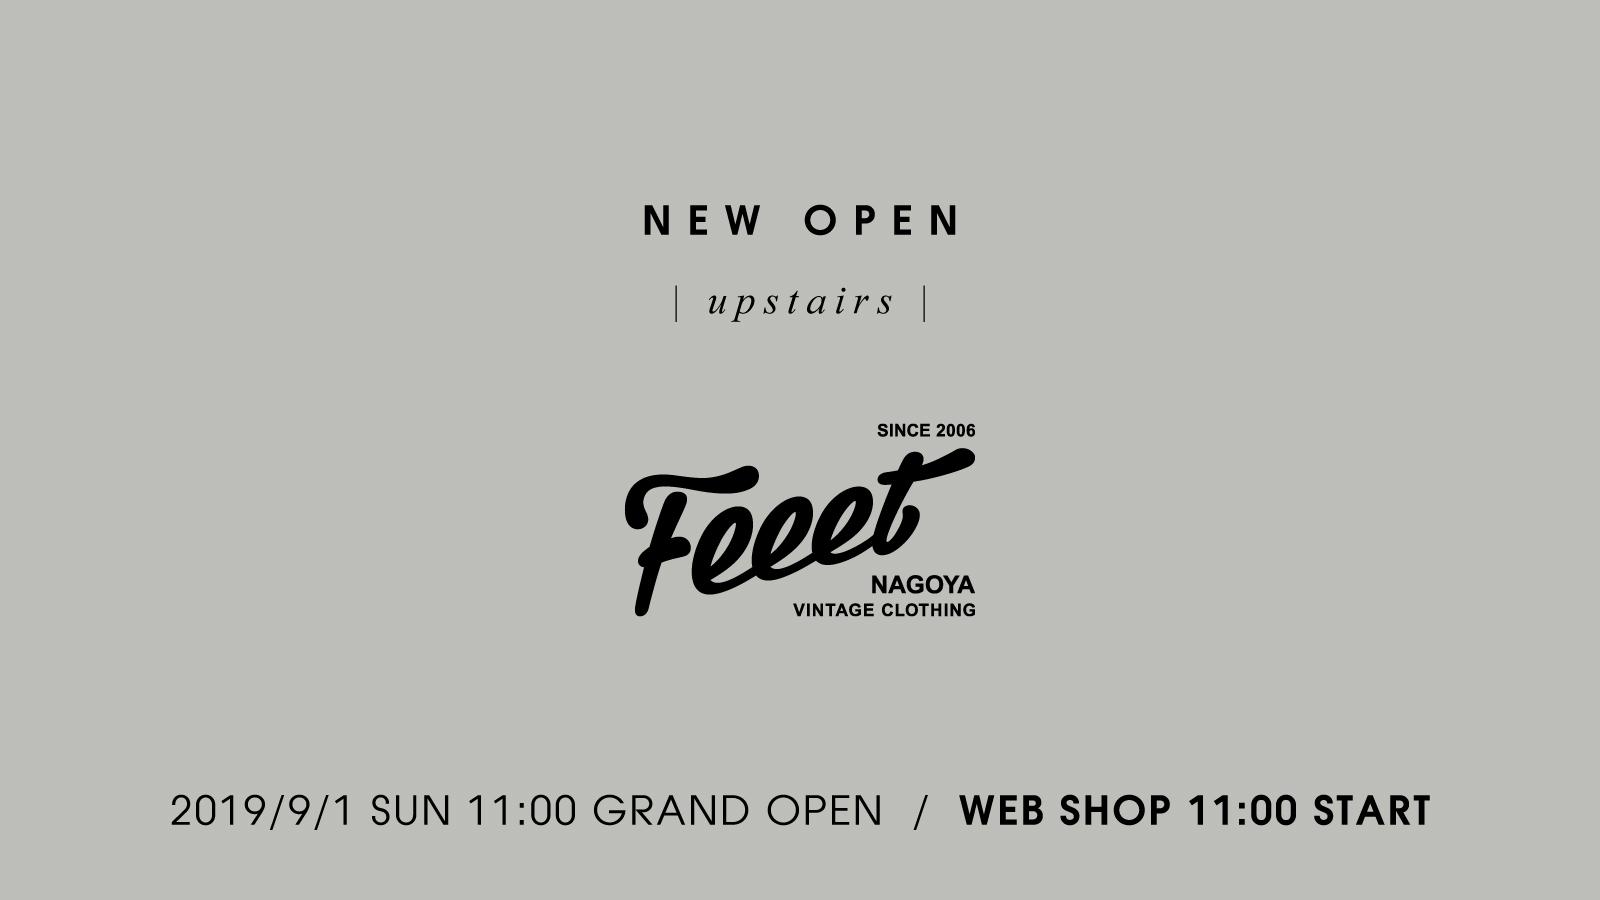 Feeet - upstairs - NEW OPEN20190901